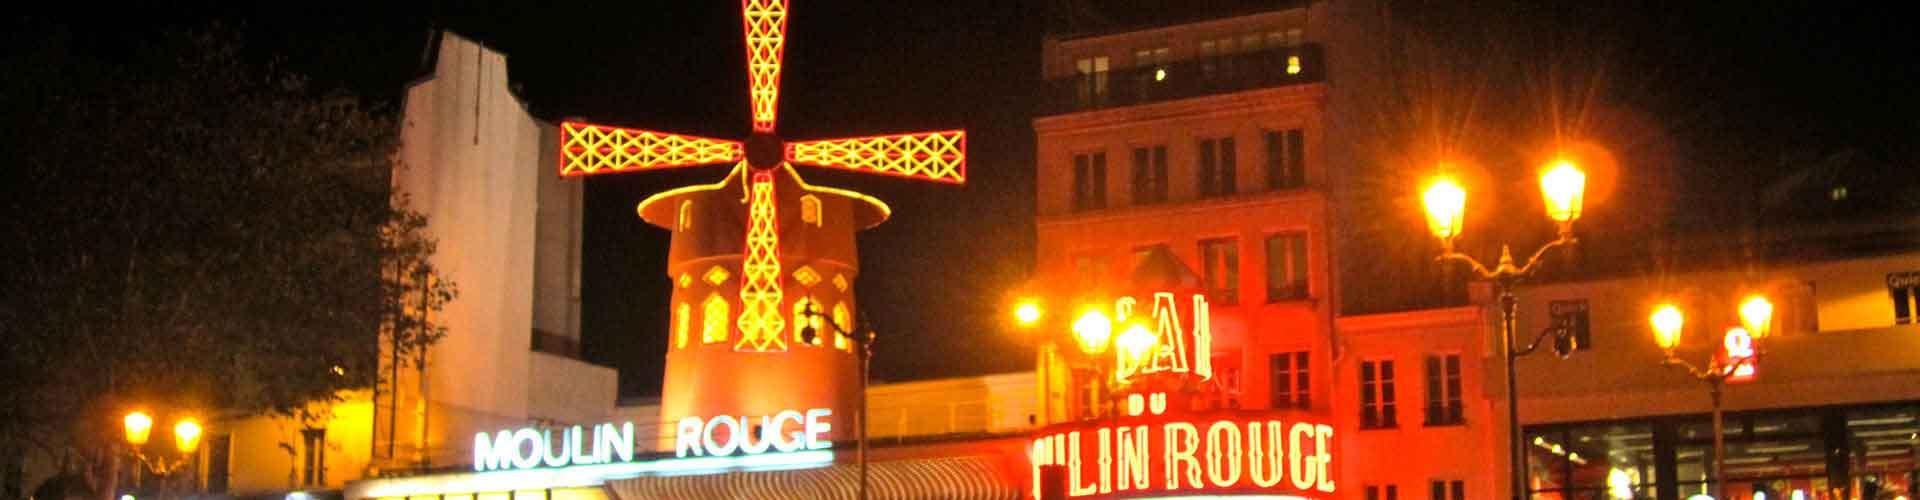 Paříž - Hostelů v blízkosti Moulin Rouge. Mapy pro Paříž, fotky a recenze pro každý hostel v Paříž.